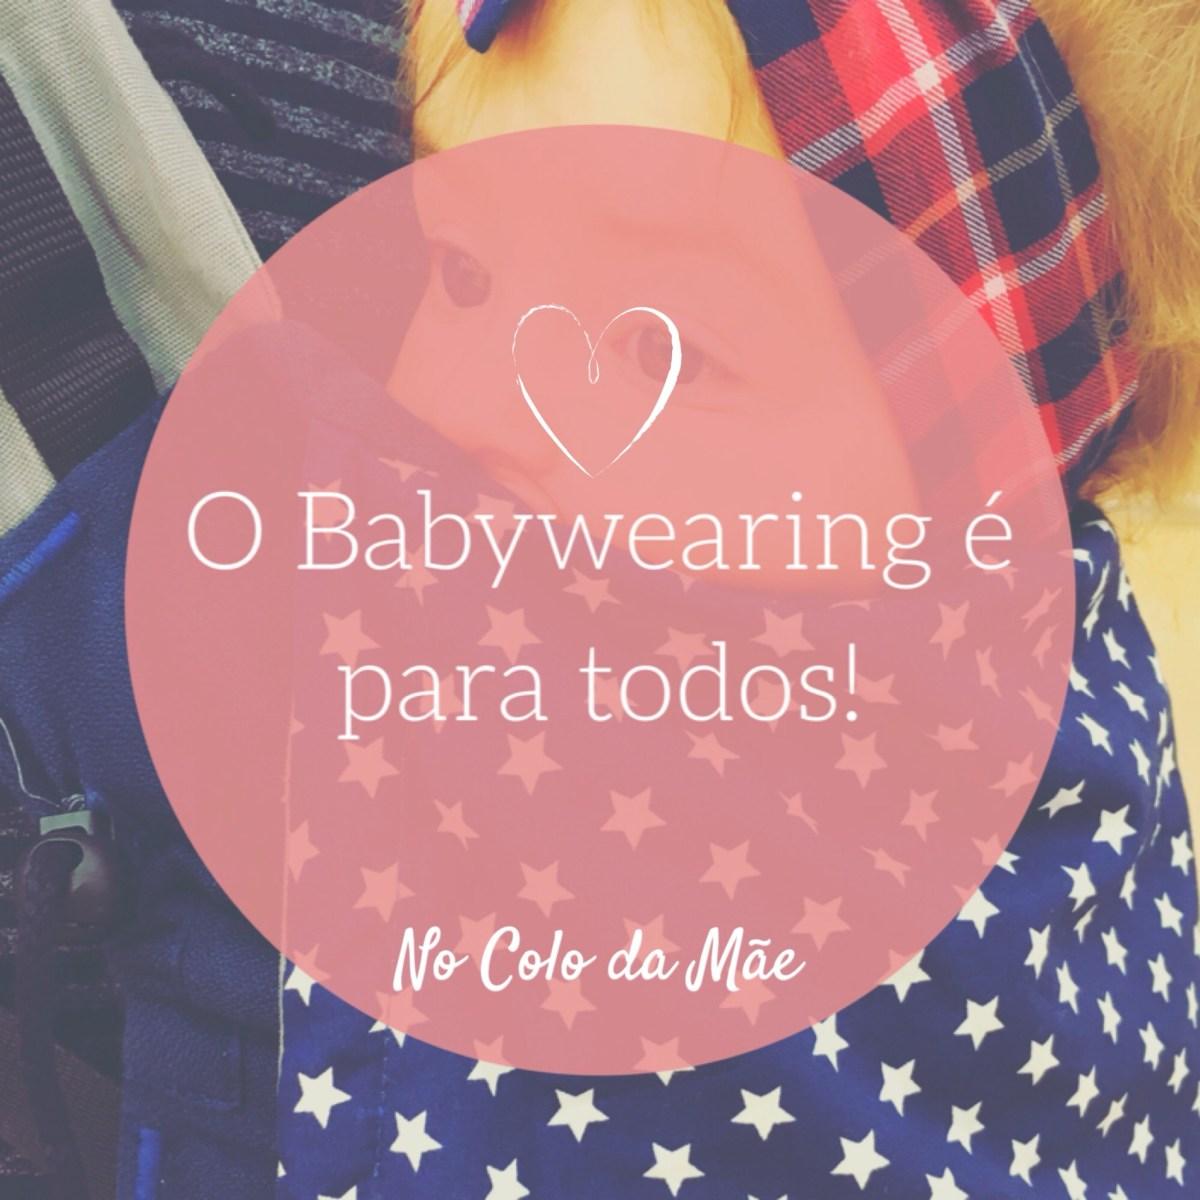 Babywearing para todos